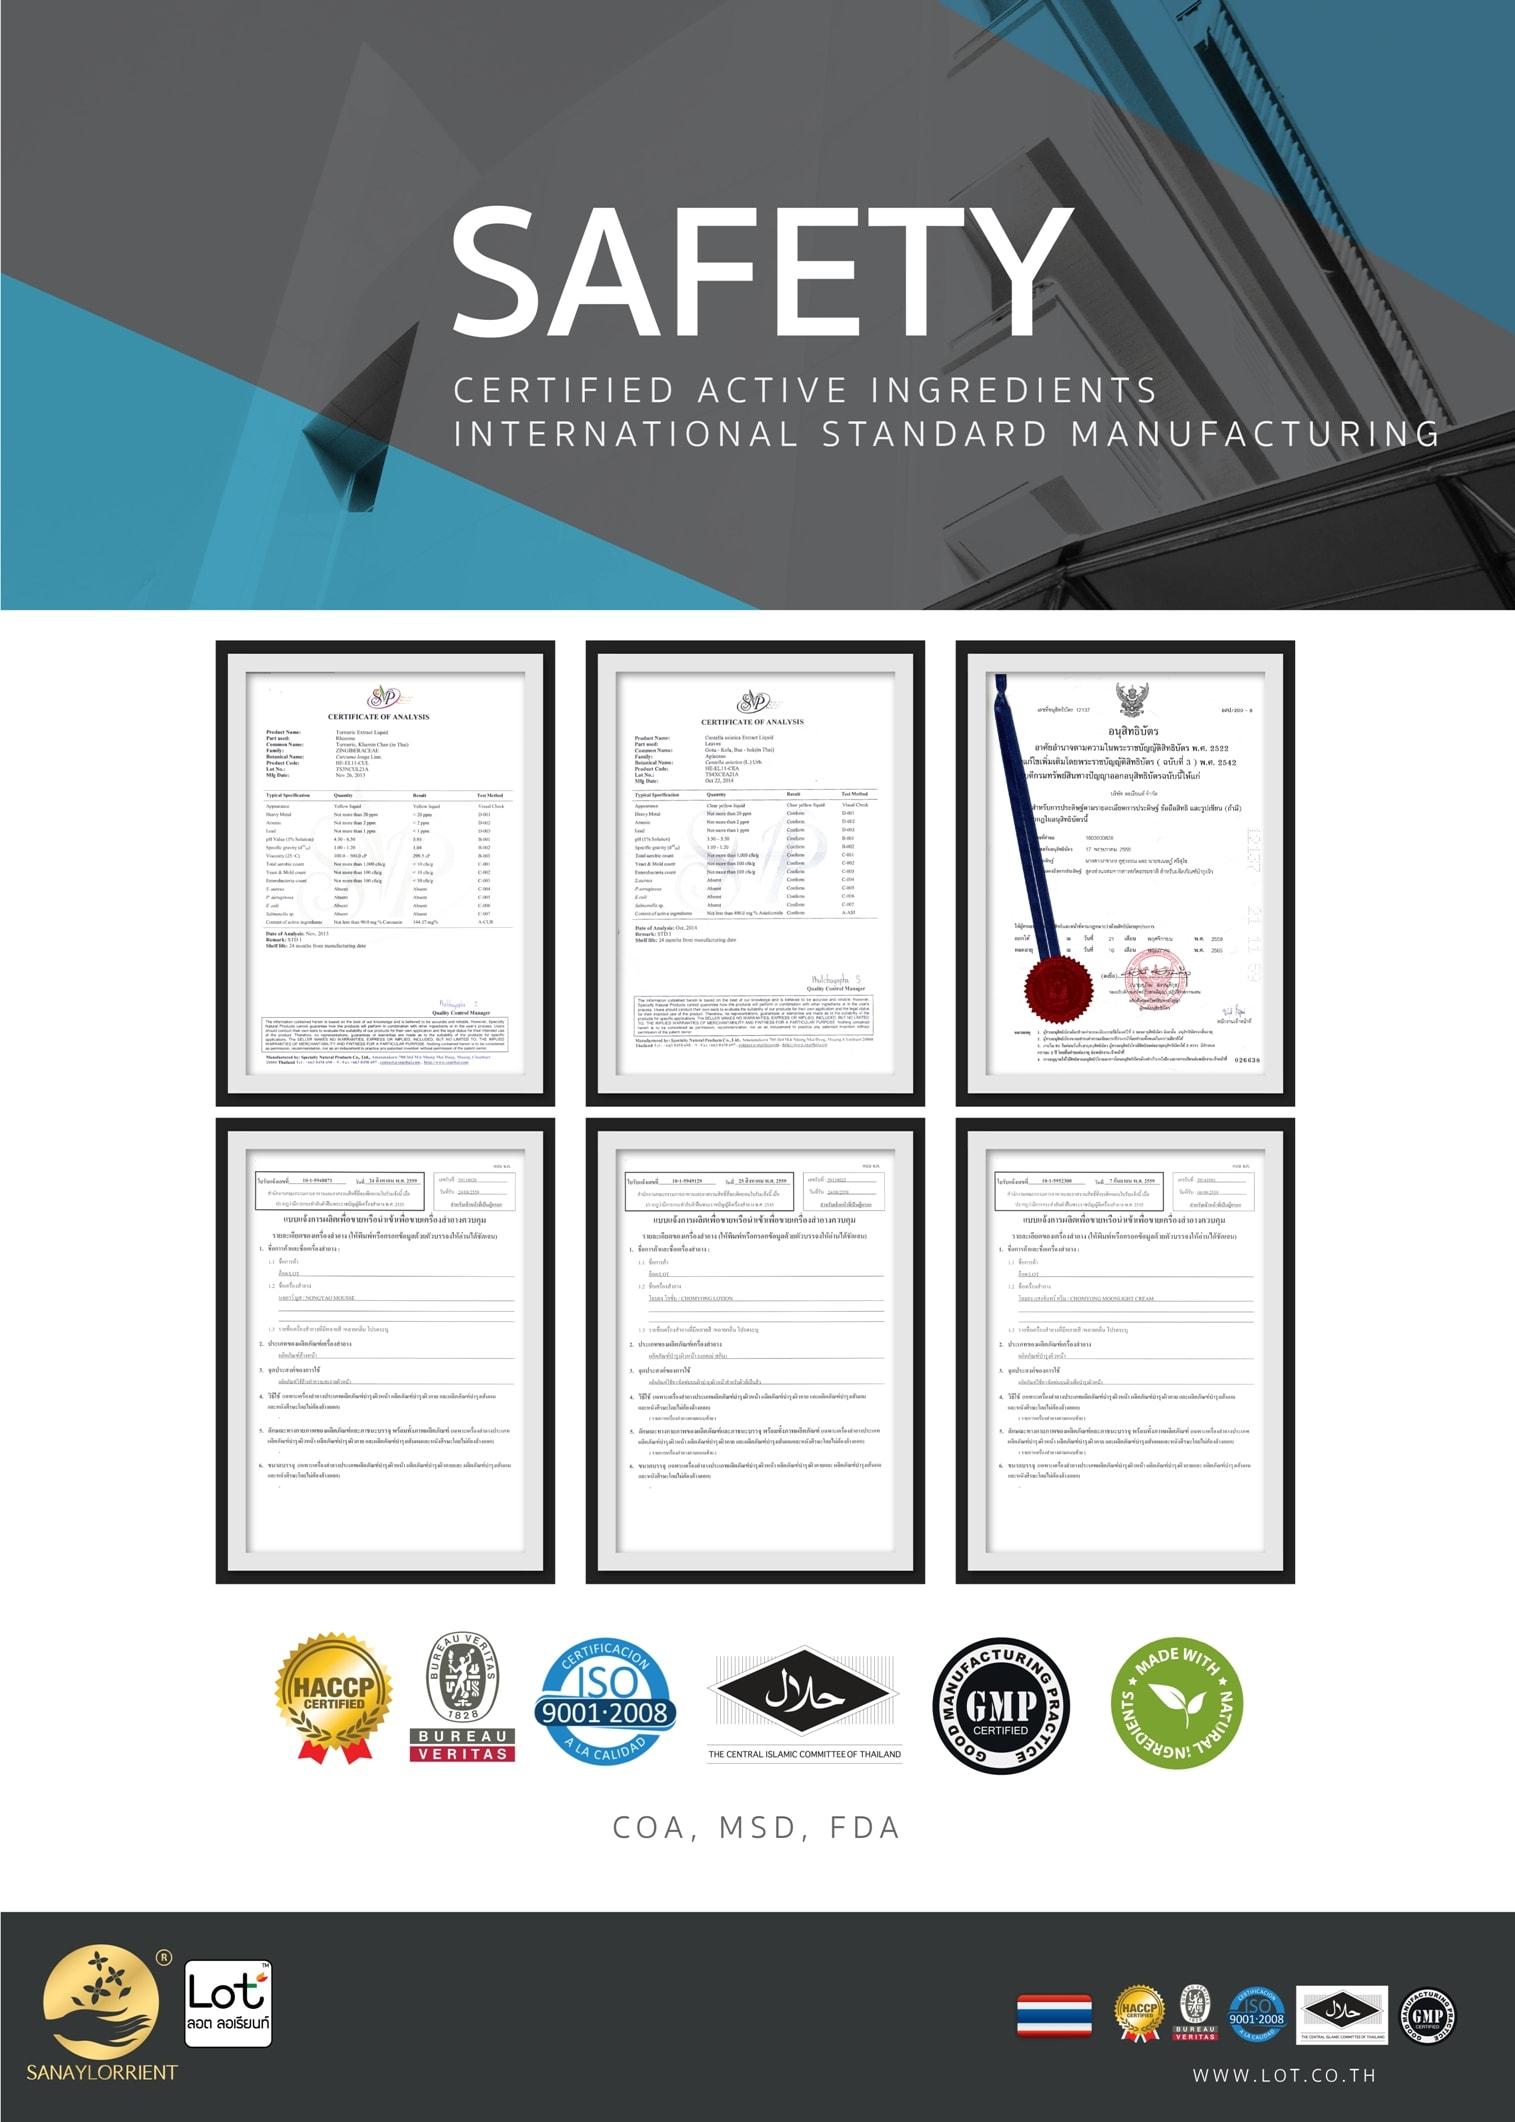 LOT SAFETY ความปลอดภัย ในการใช้ ผลิตภัณฑ์ ลอต ลอเรียนท์